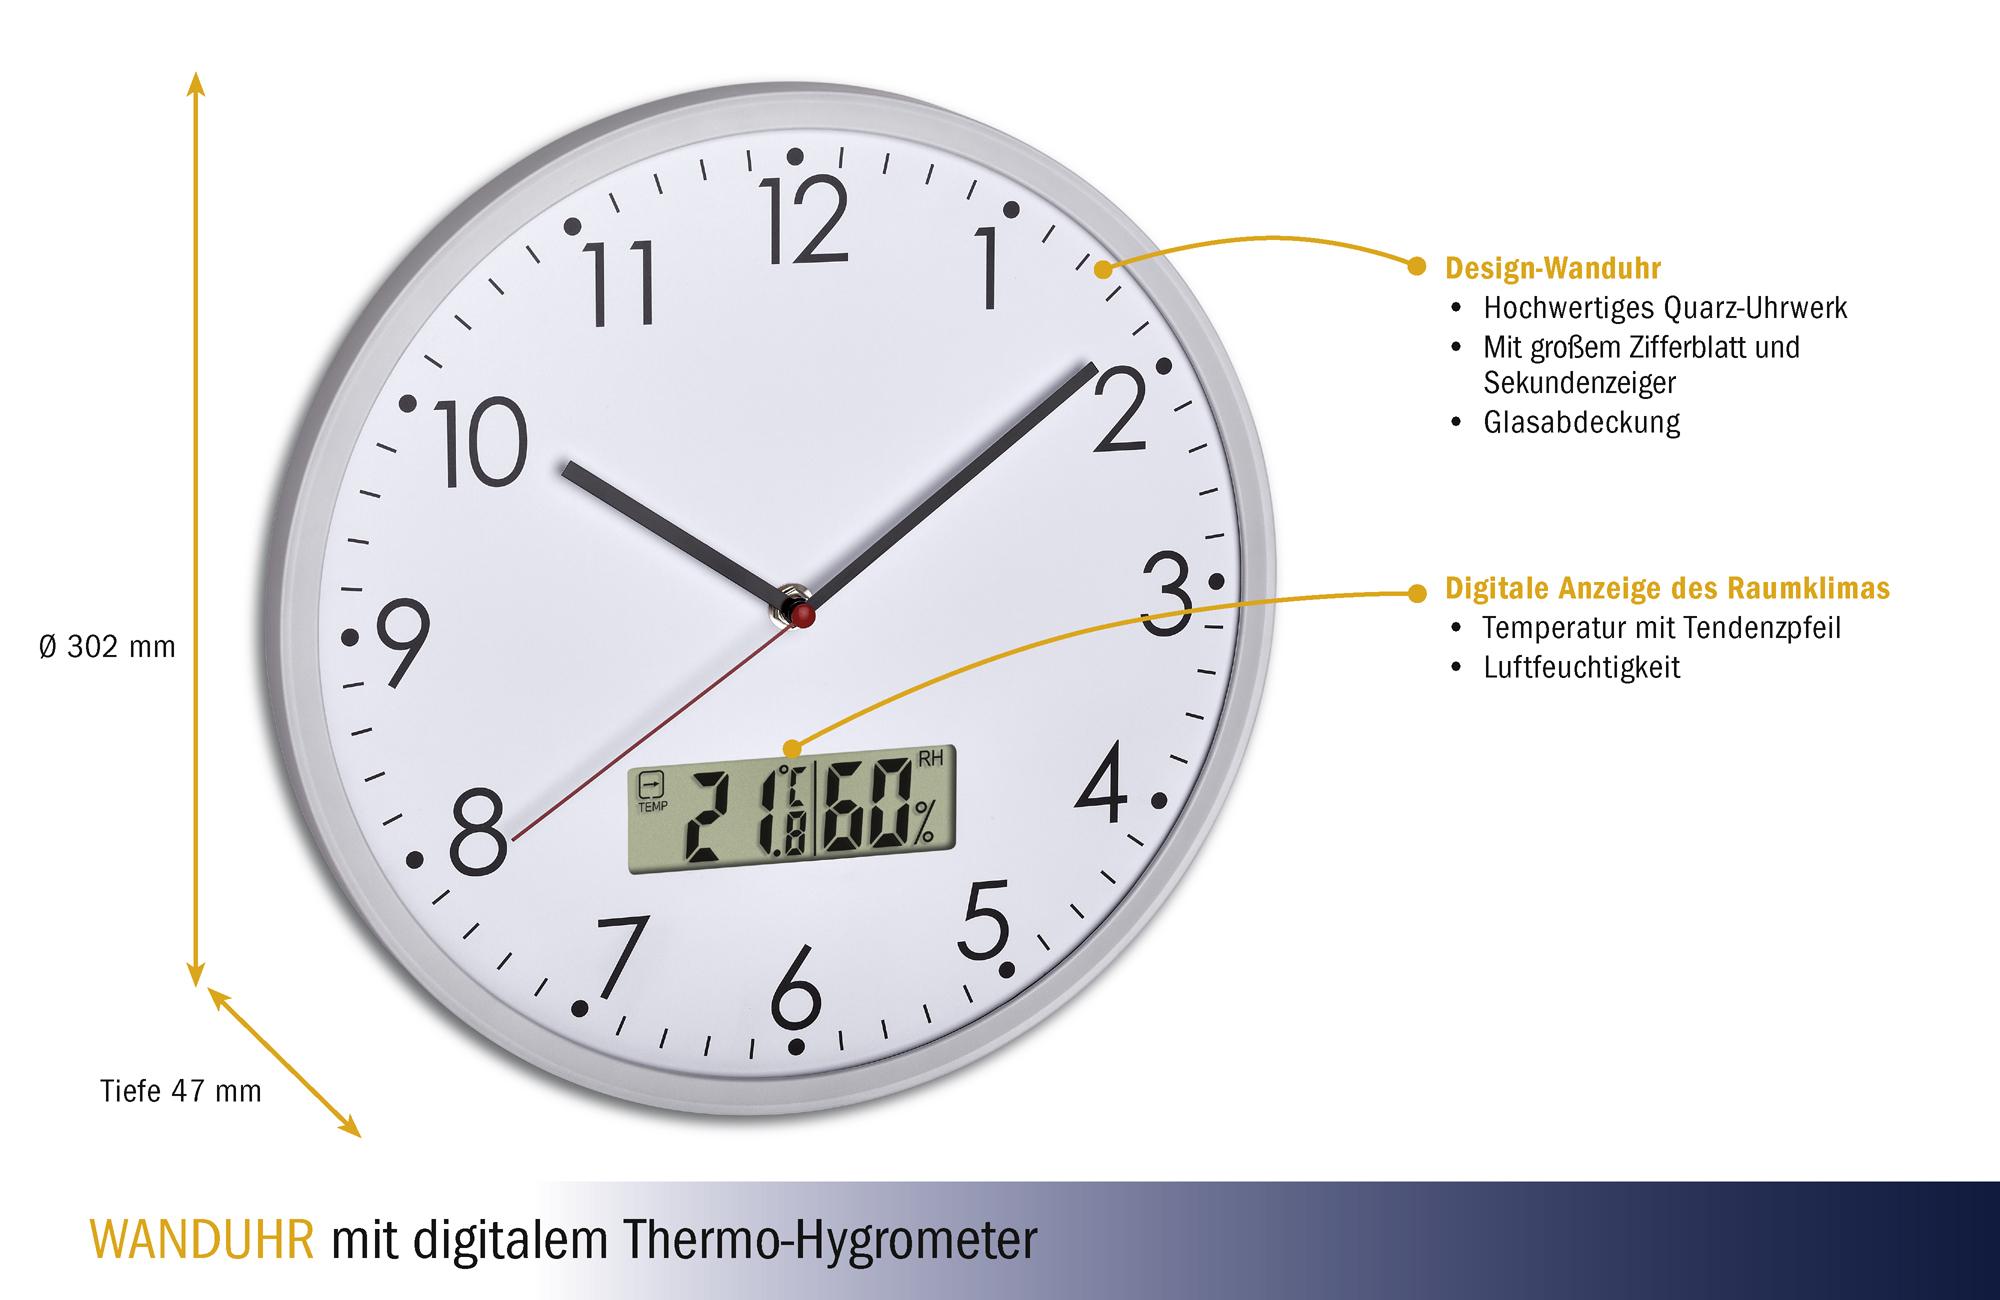 Wanduhr_Thermo-Hygrometer_60304802_Bemassung.jpg